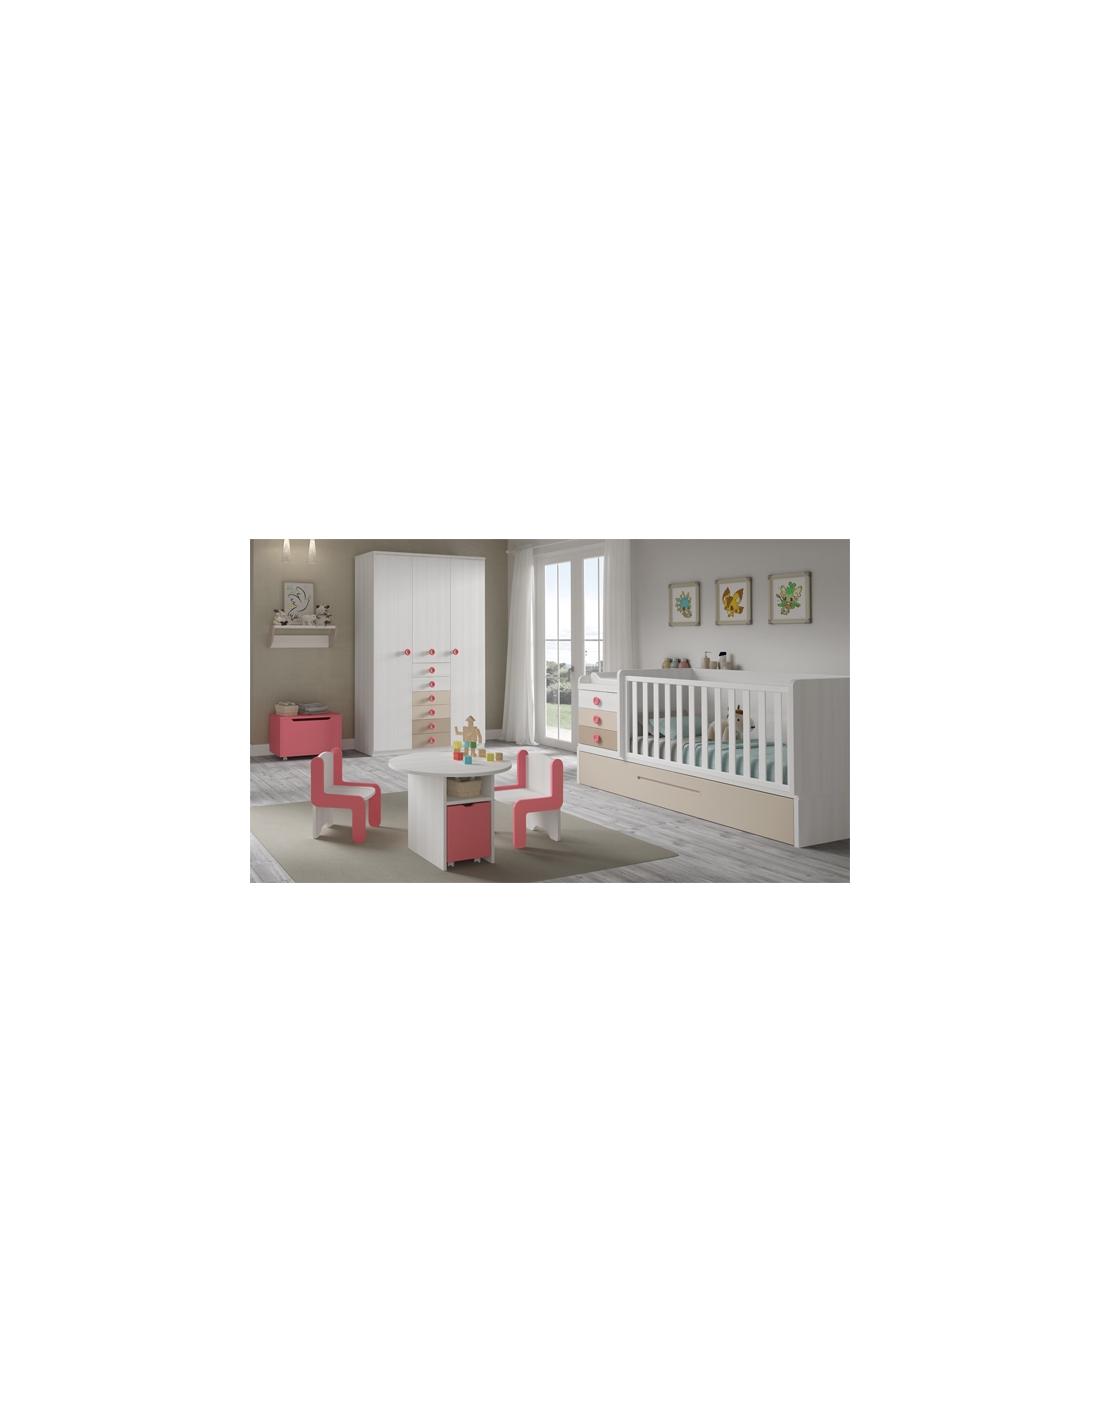 Comprar composici n habitaci n bebe c112 con cuna - Habitacion convertible bebe ...